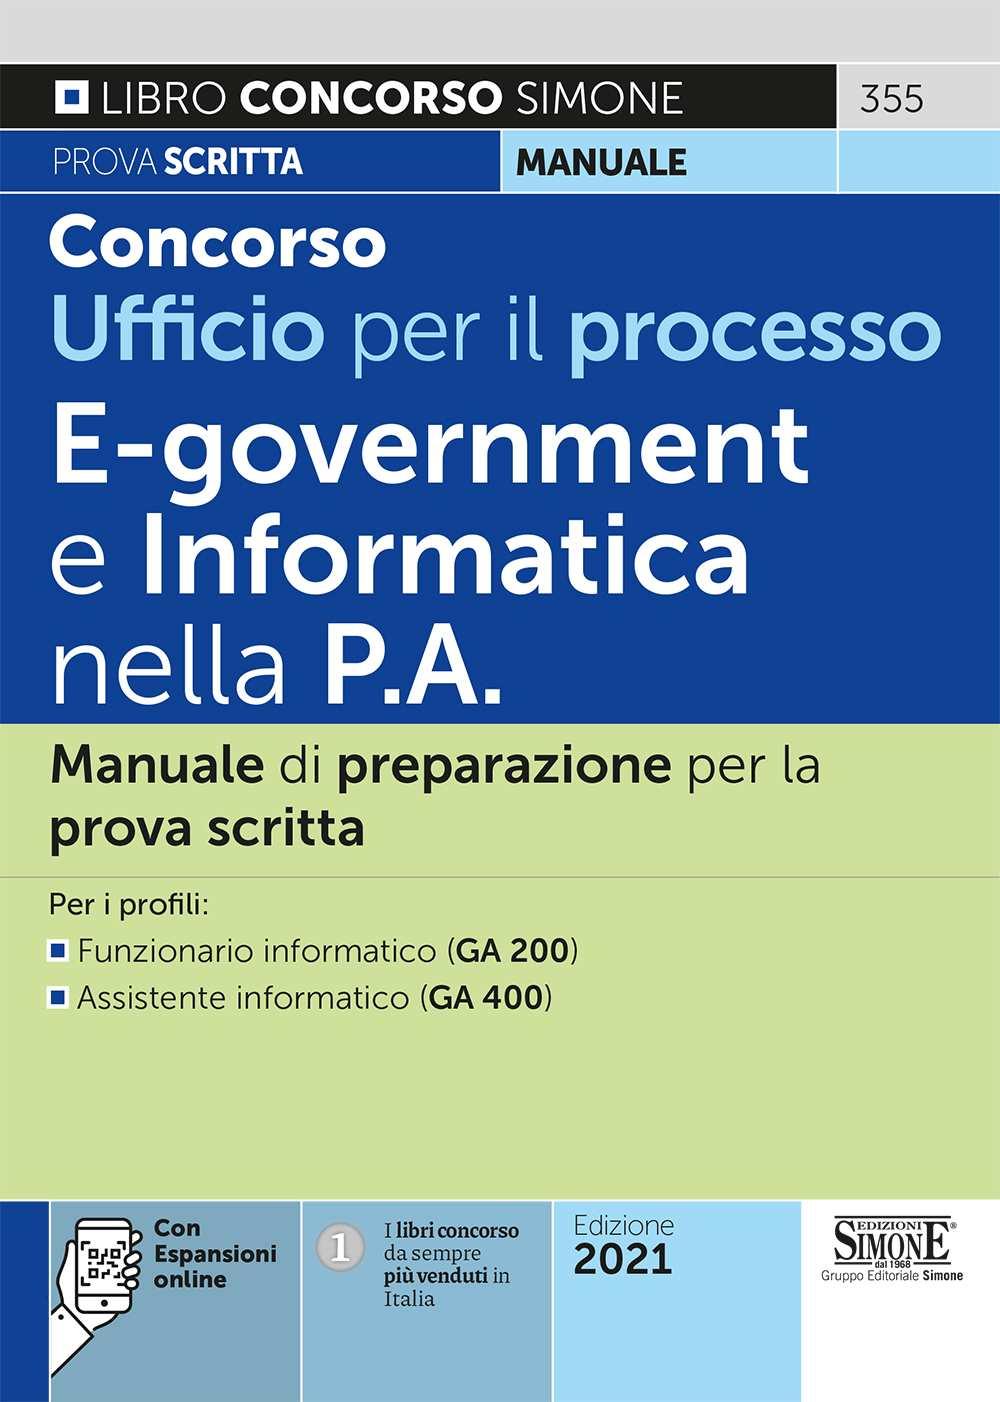 manuale E-government e Informatica nella P.A.